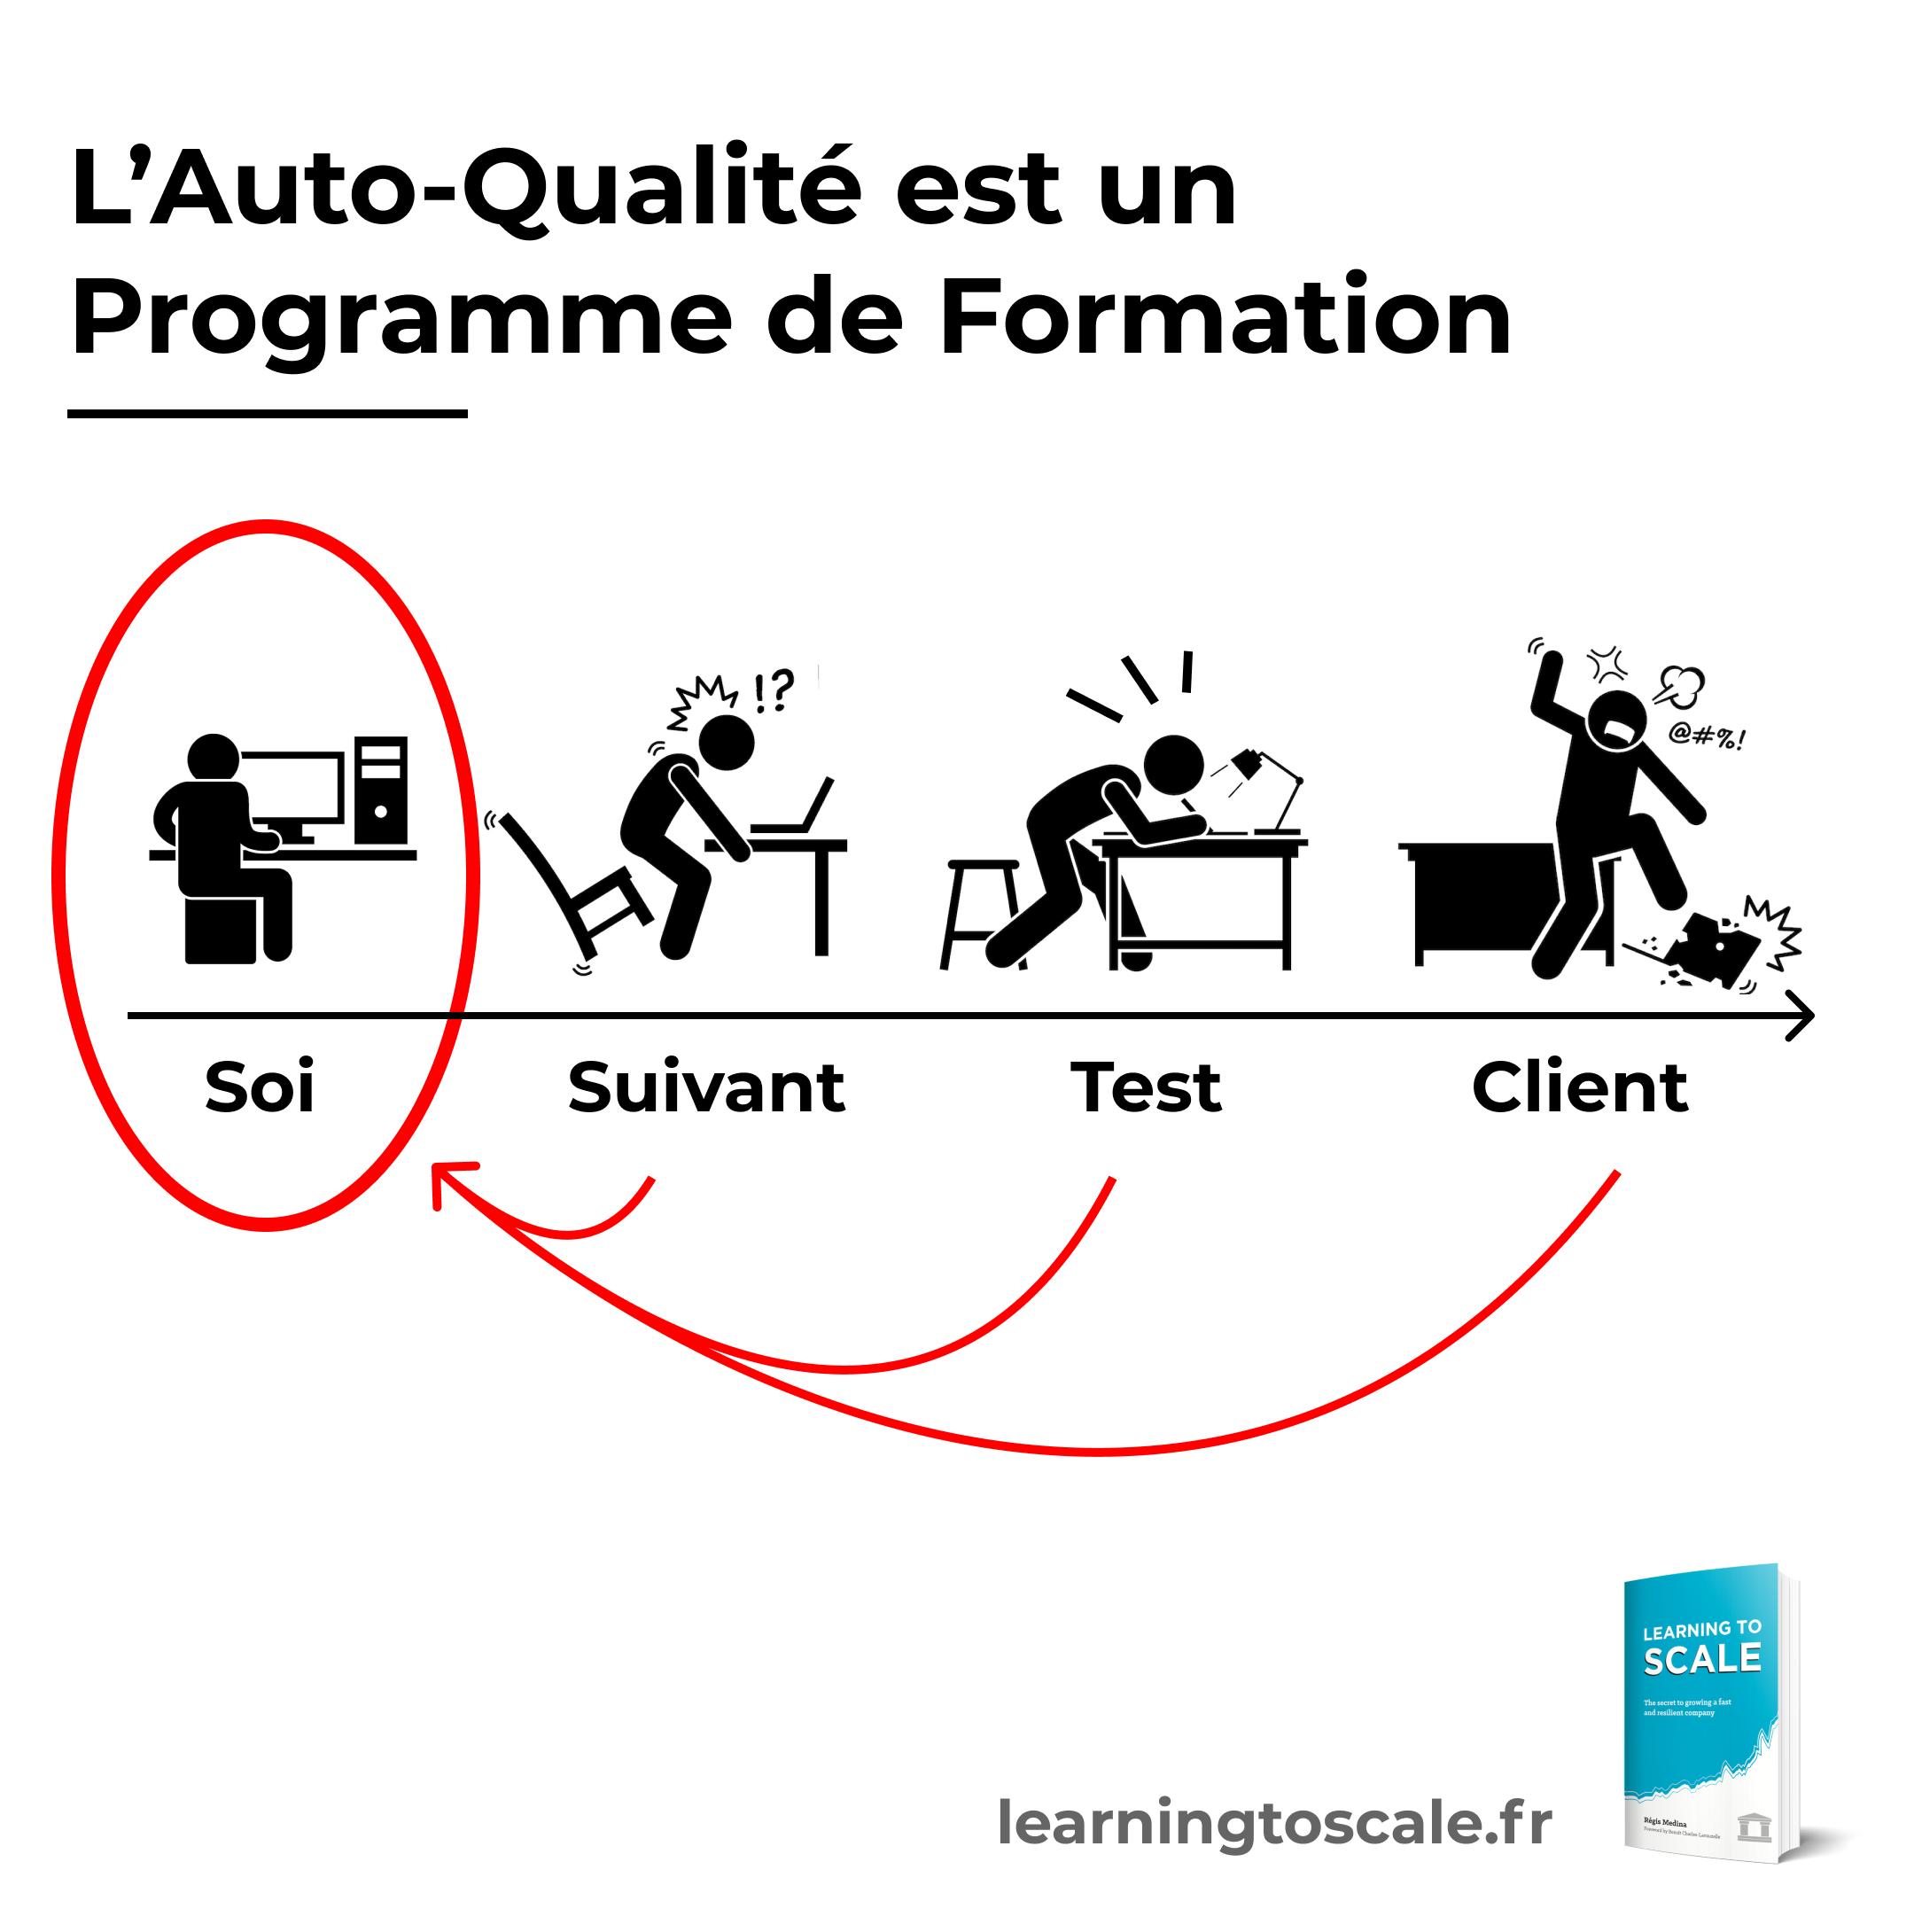 L'auto-qualité est un programme d'apprentissage